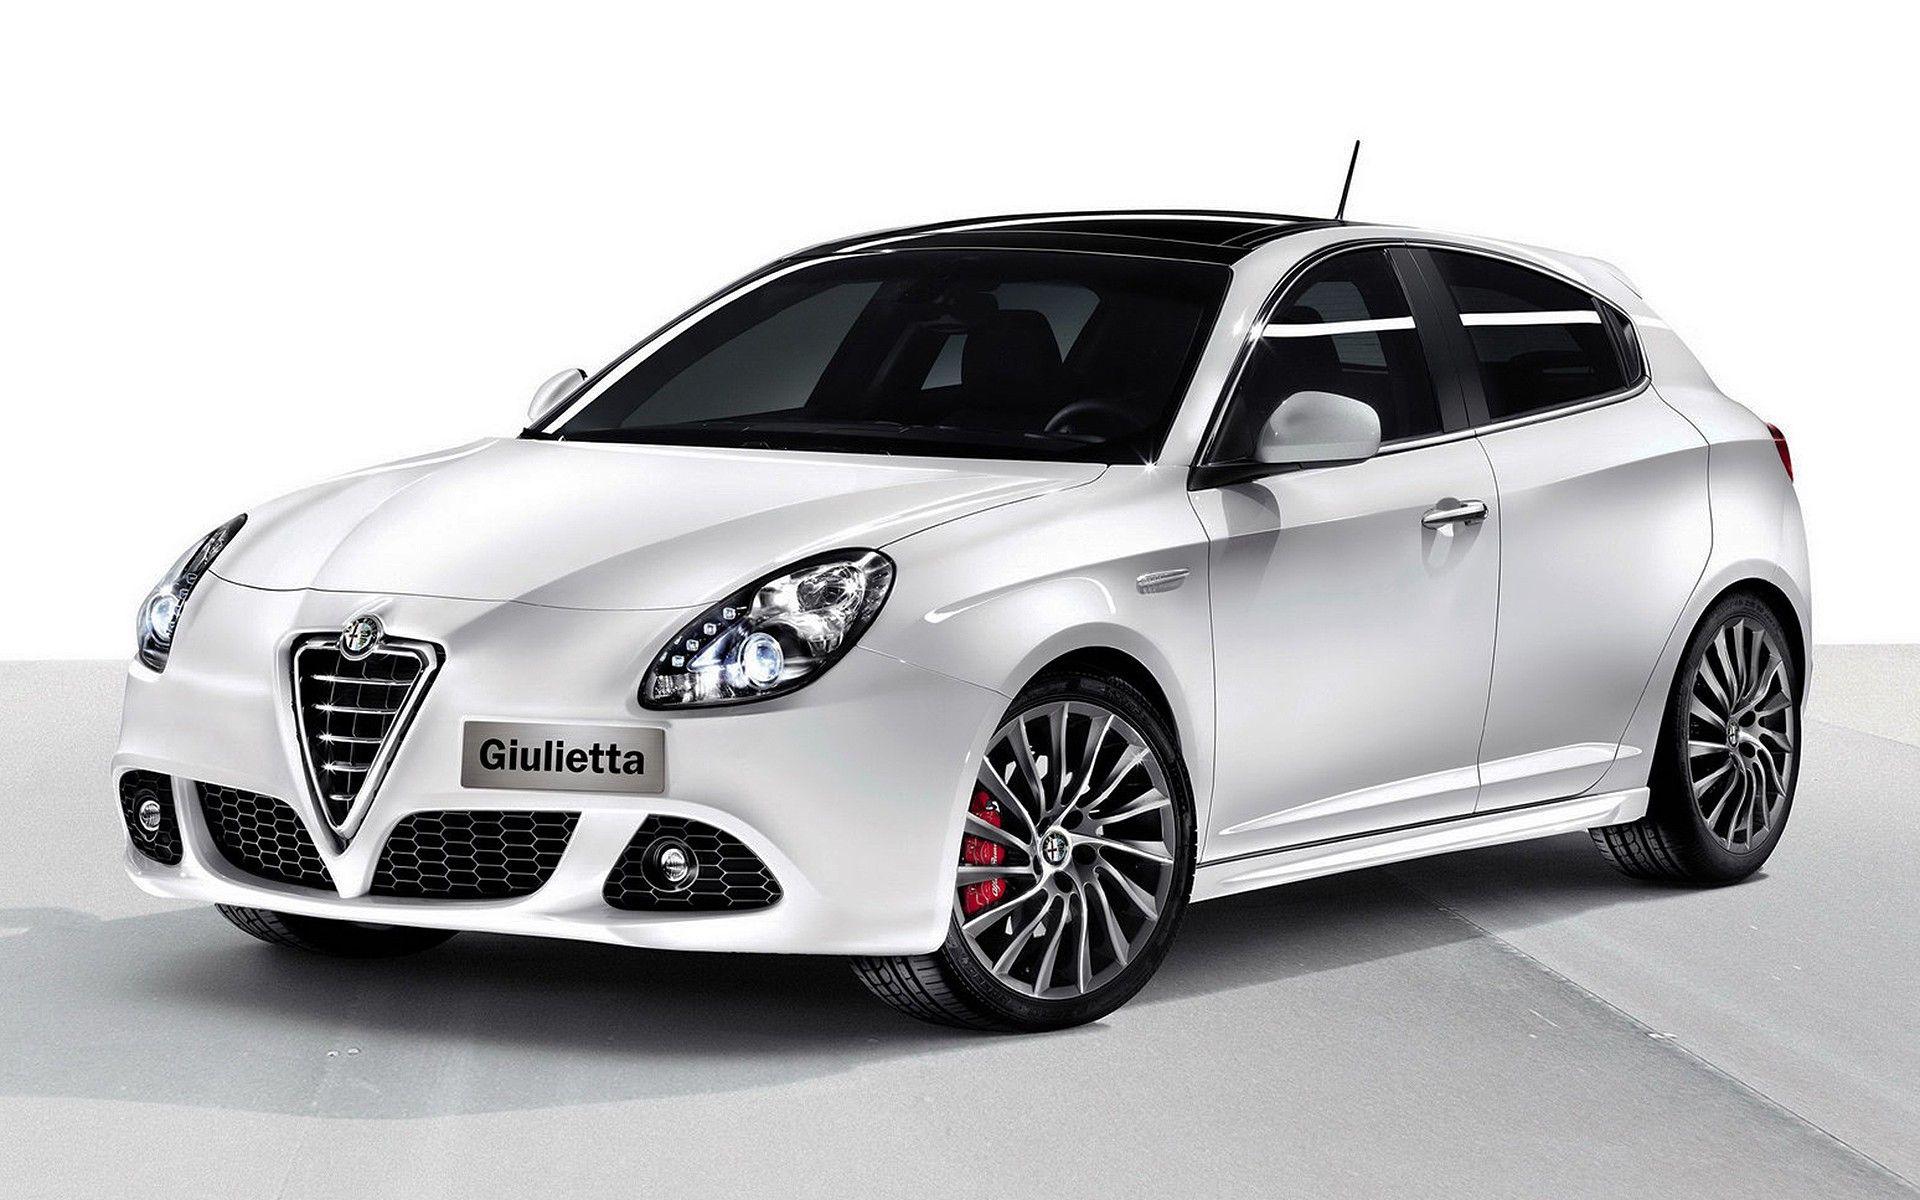 Free Download Alfaromeo Giulietta Sportiva Full Hd Car Images